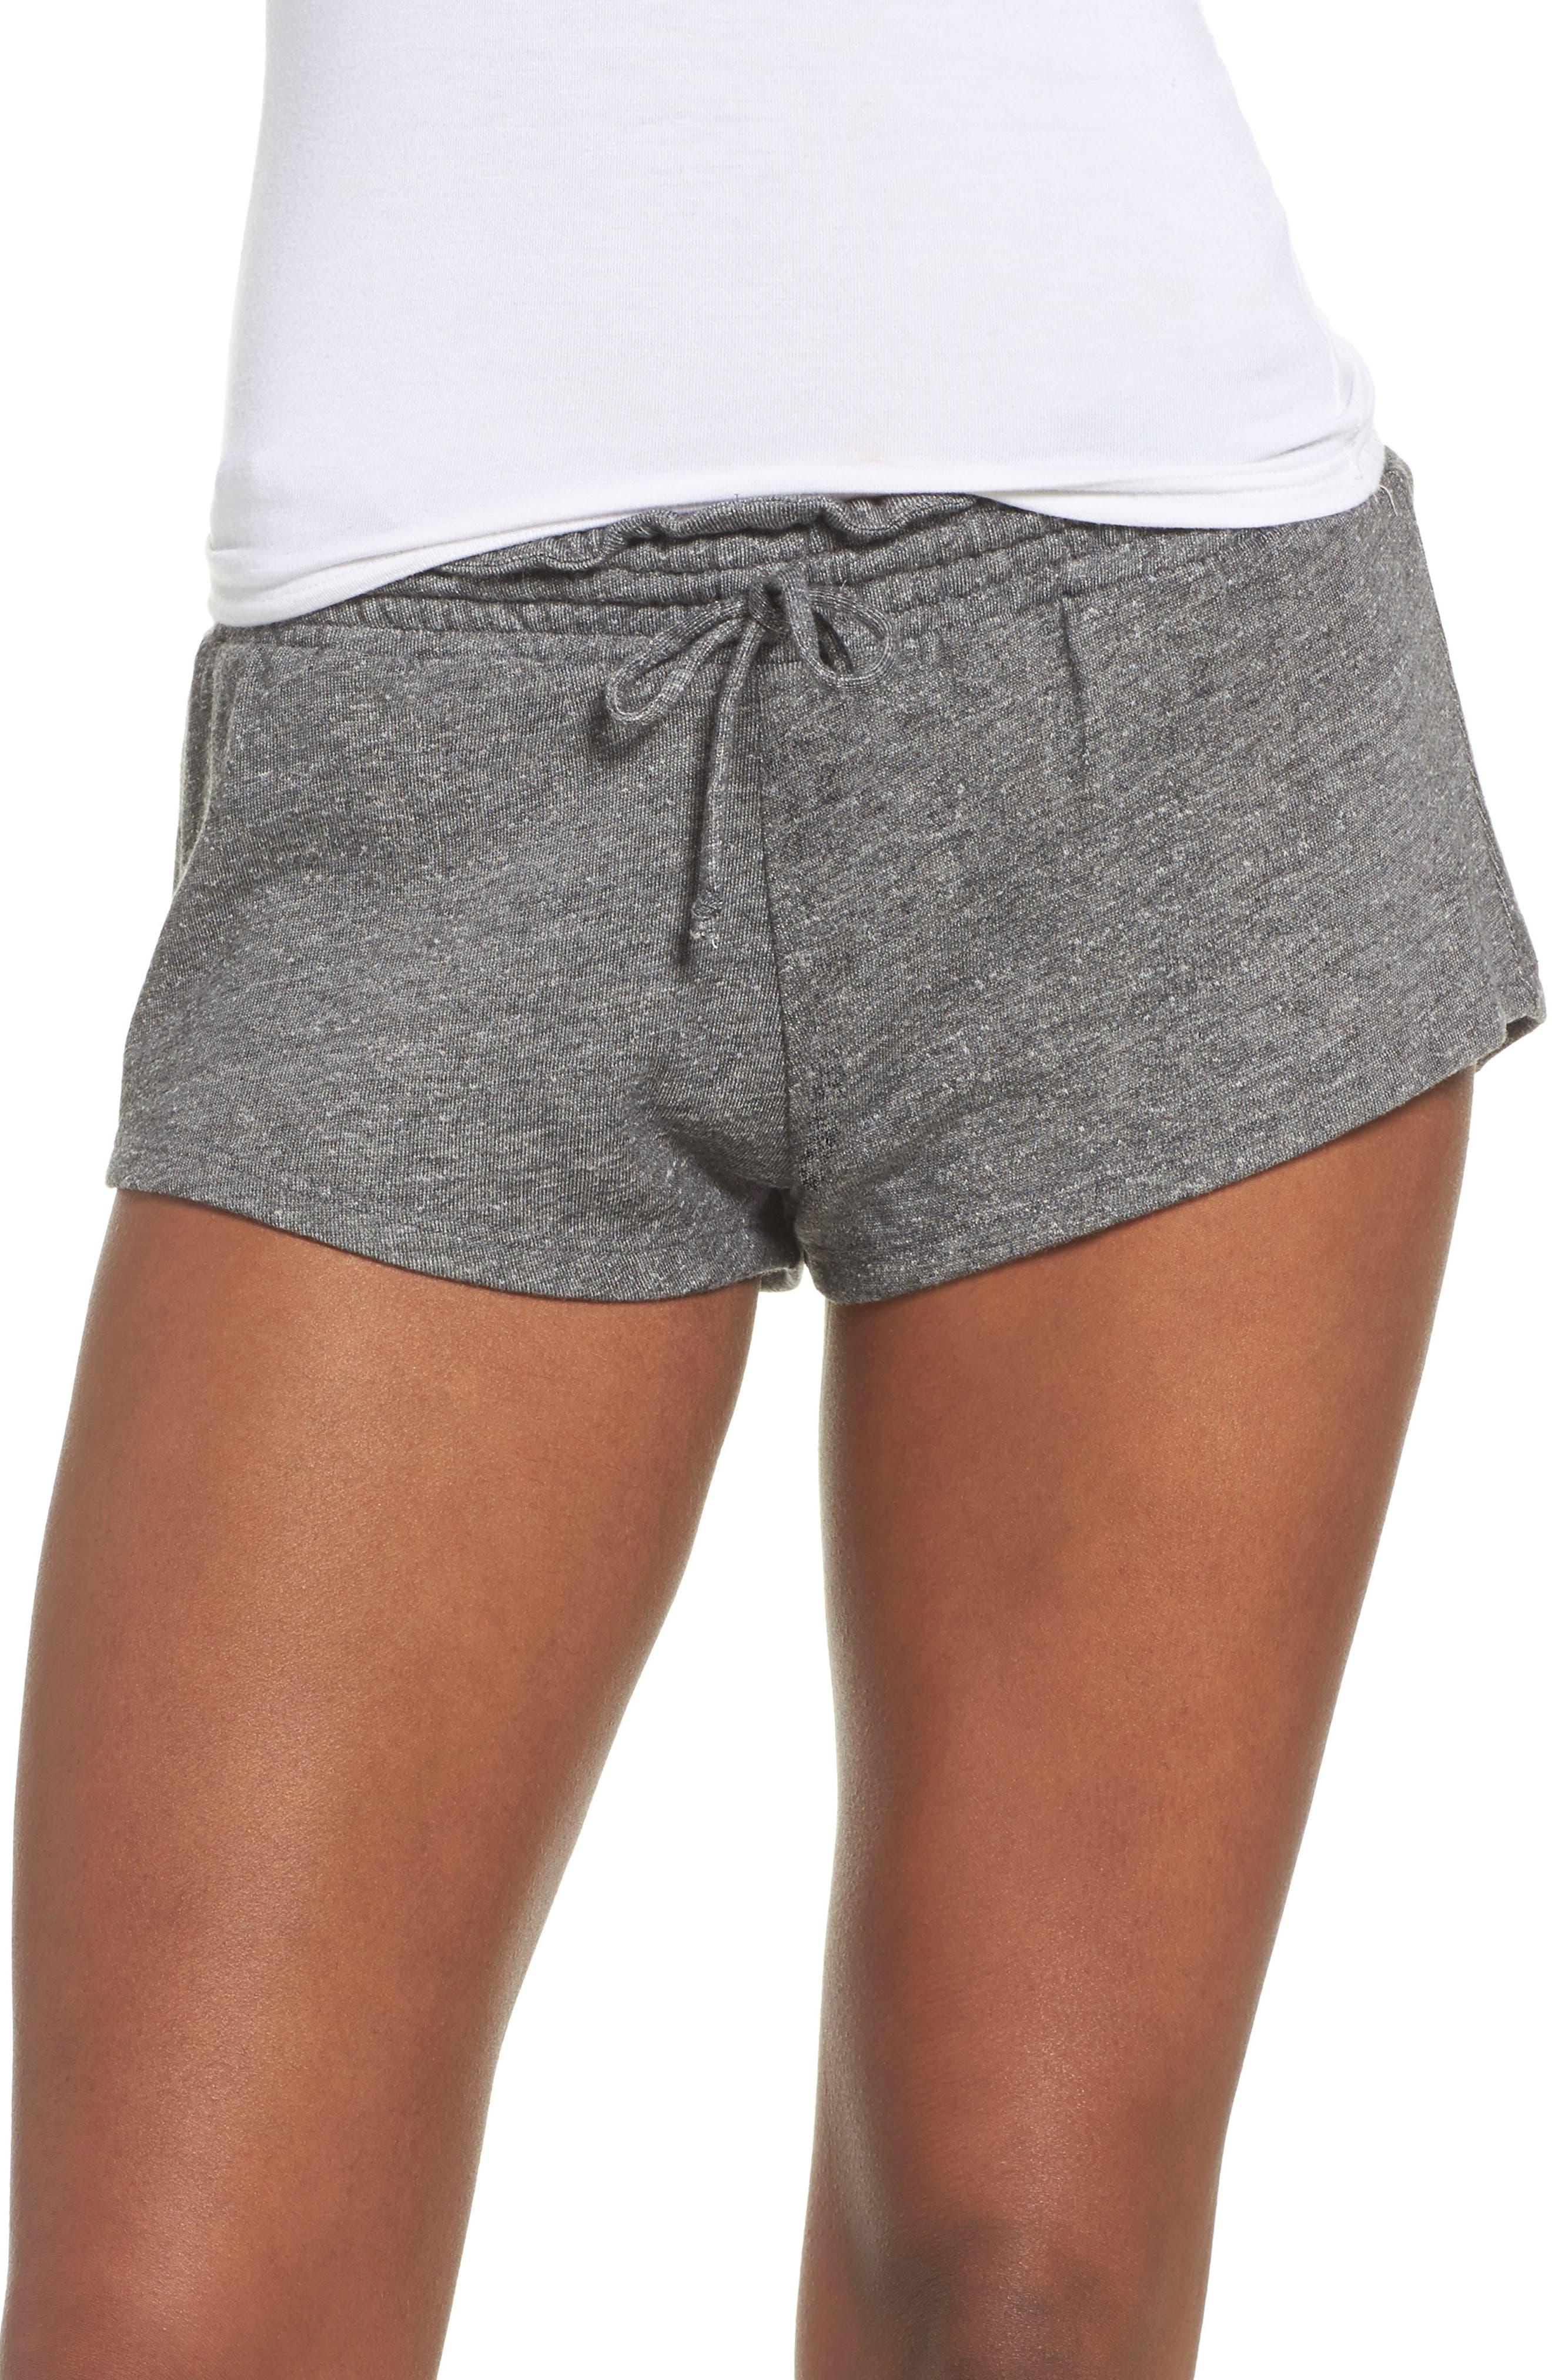 Dallas Shorts,                             Main thumbnail 1, color,                             Charcoal